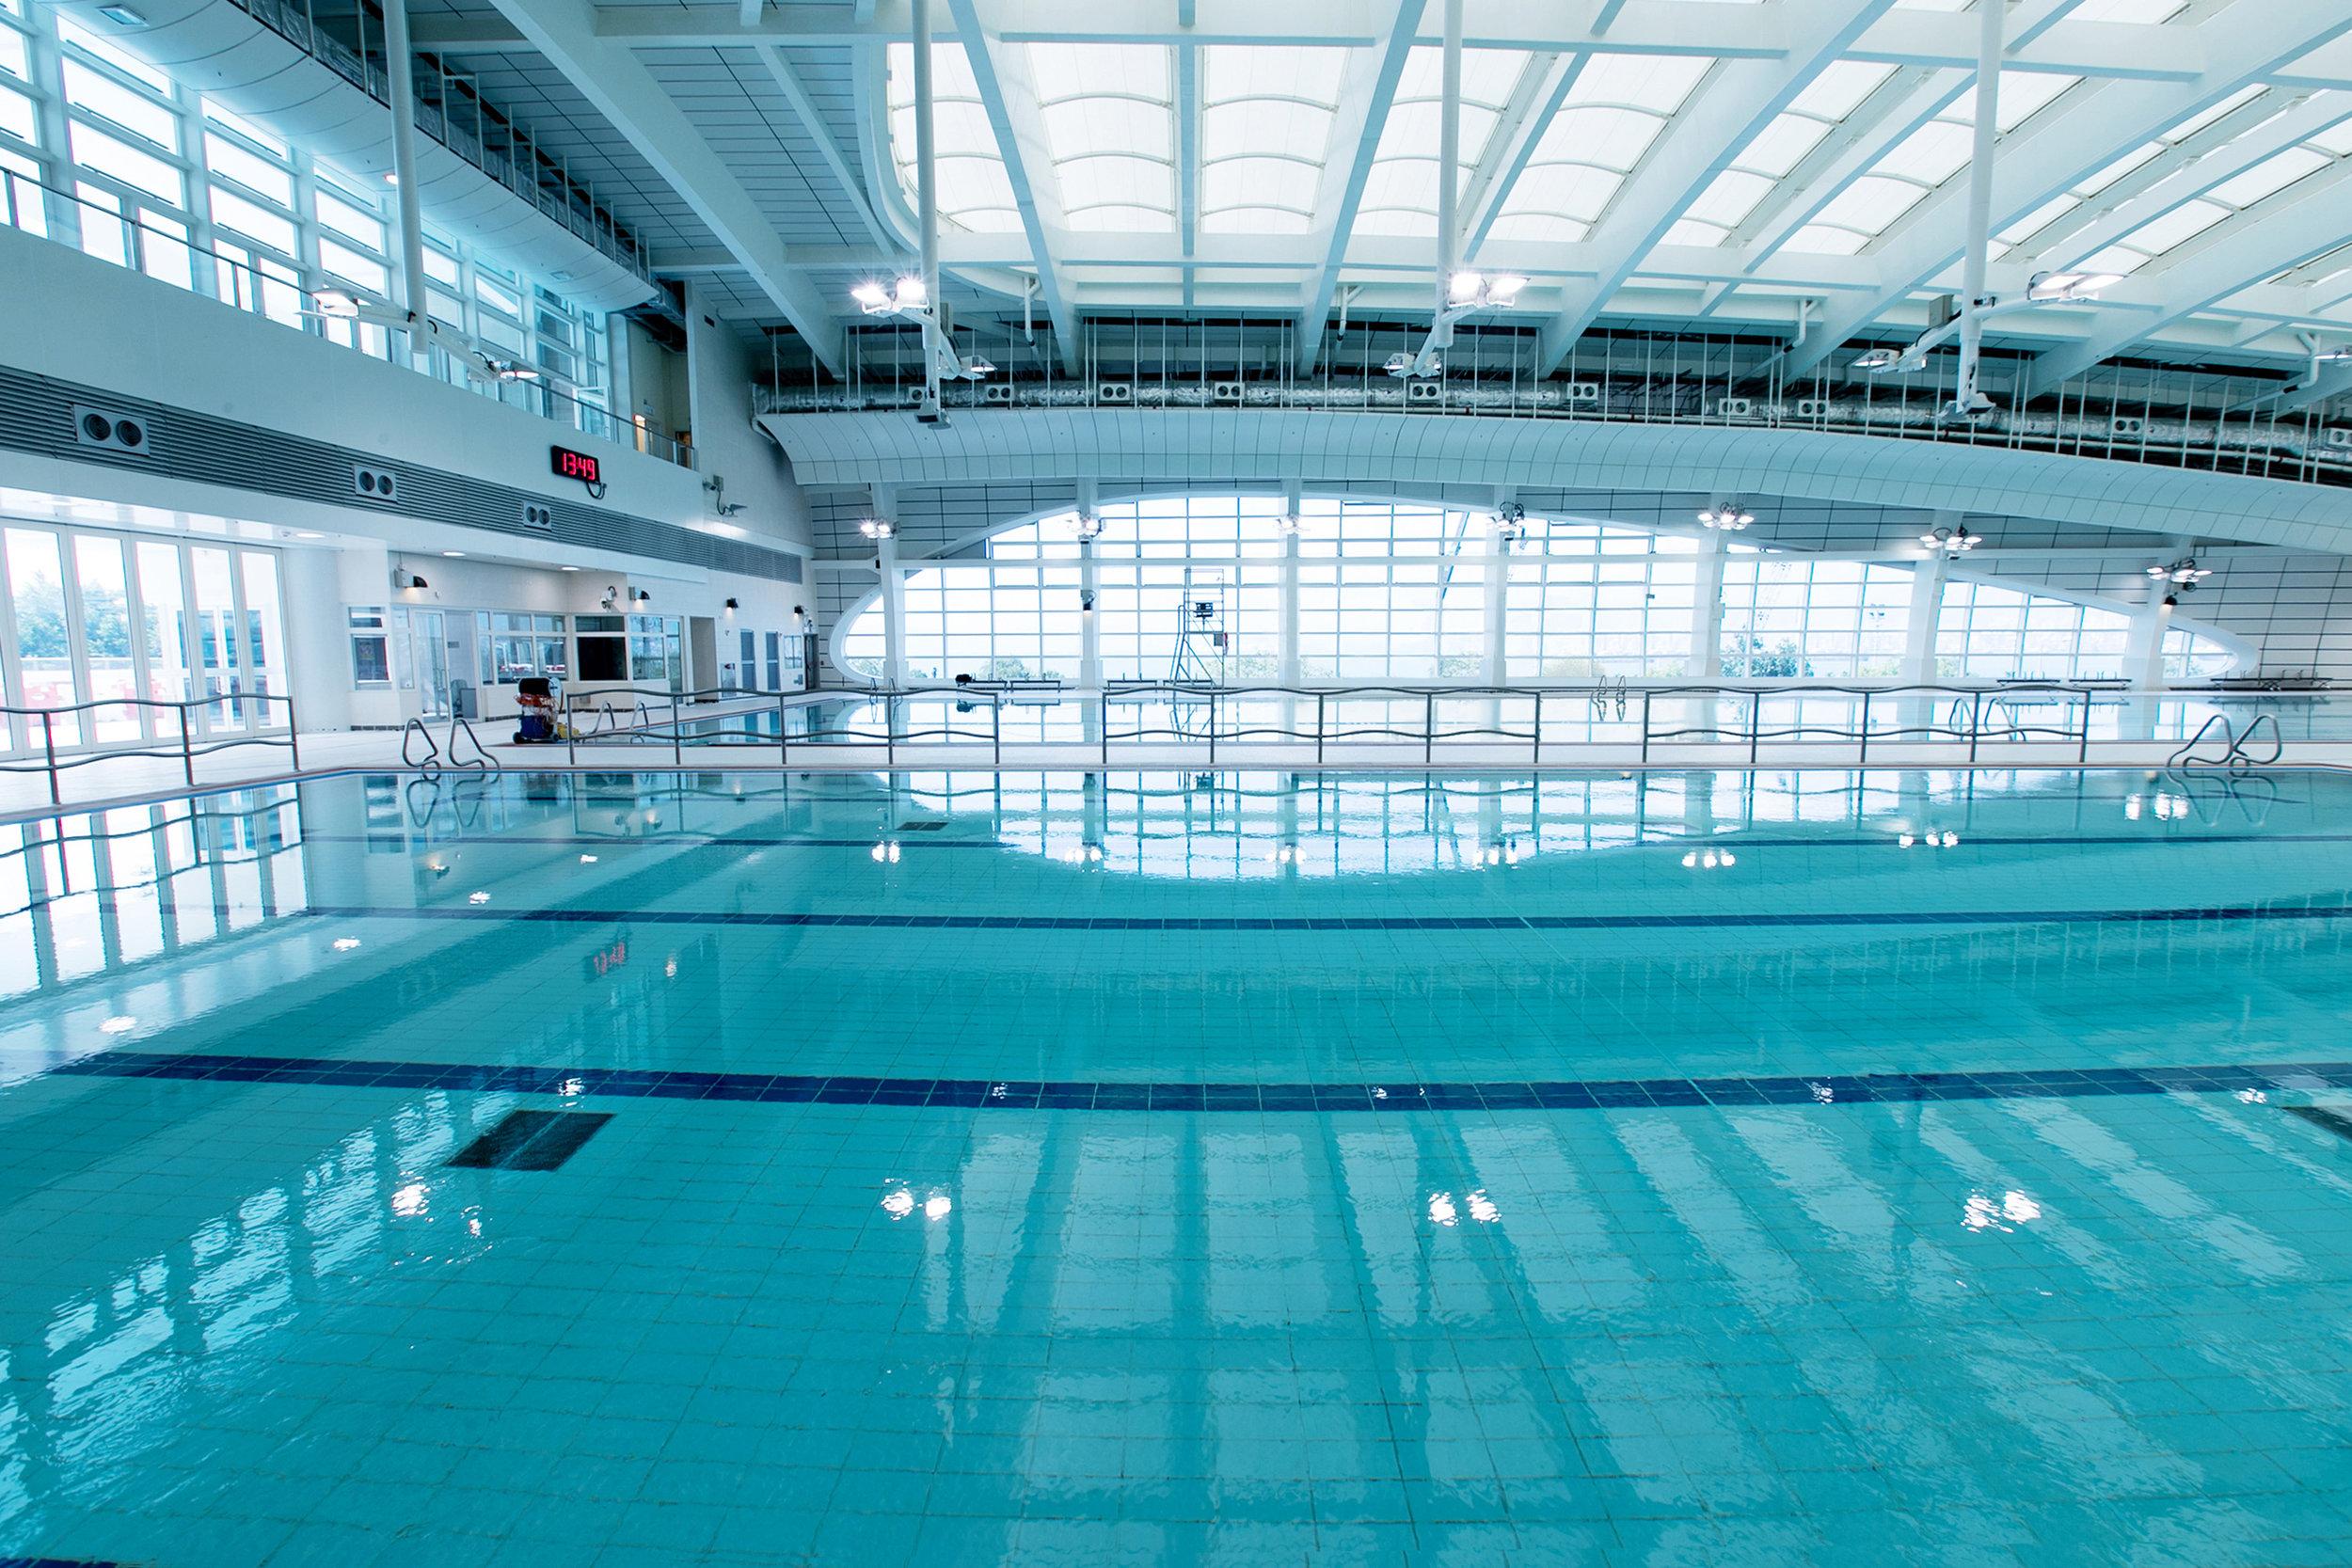 KTSP_view of indoor pool looking north.jpg